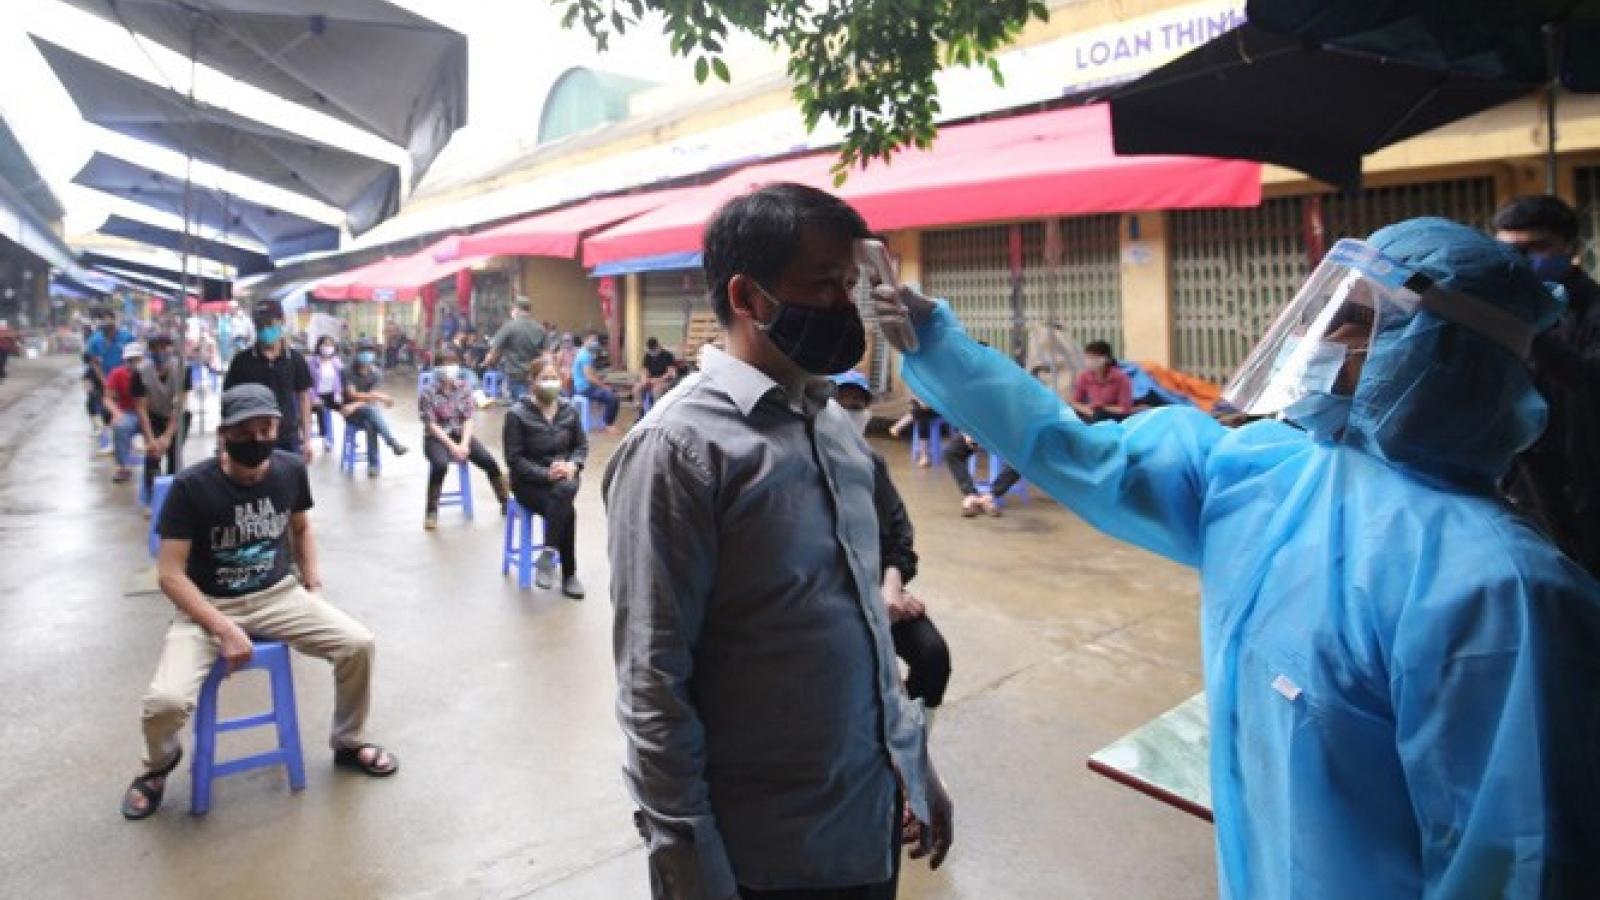 Hơn 200 tiểu thương Chợ Long Biên được xét nghiệm nhanh Covid-19